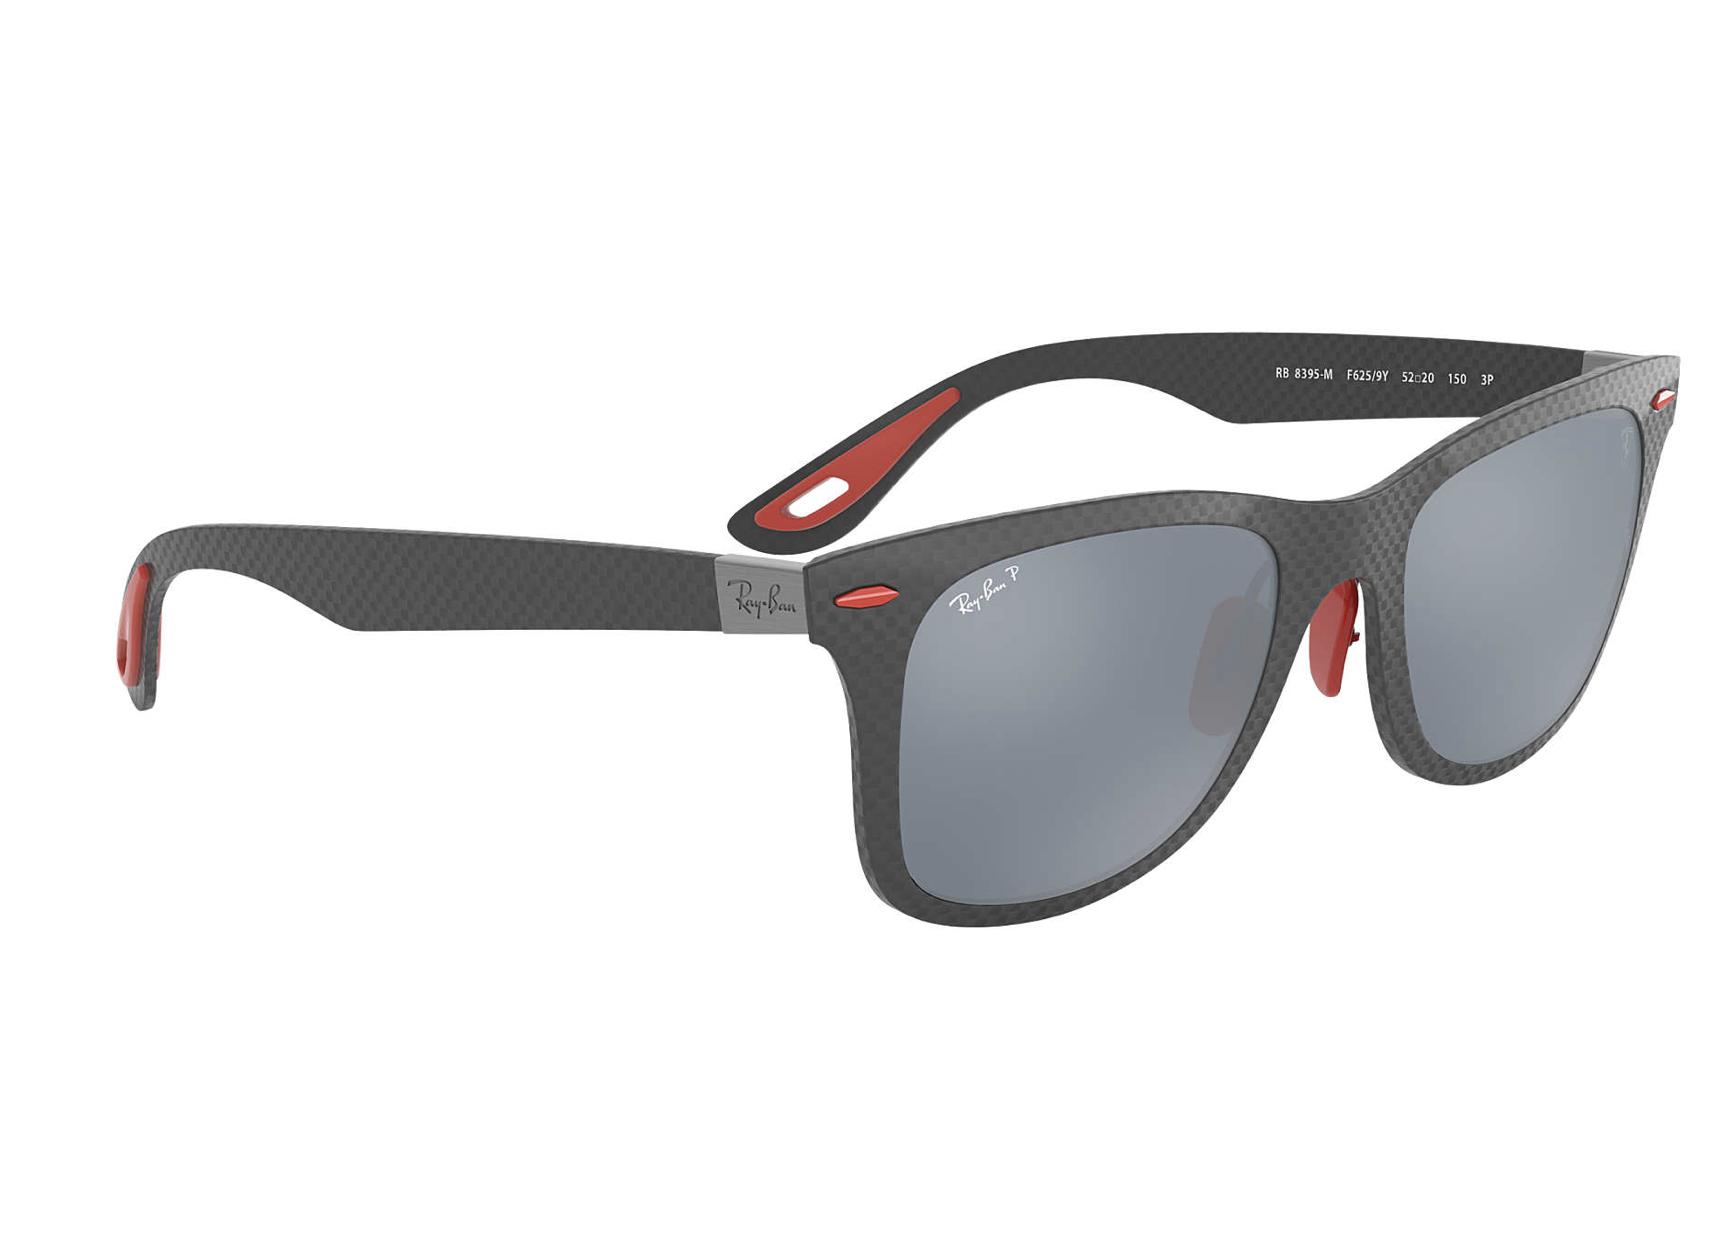 5ab85743f02 Scuderia Ferrari Monaco Limited Edition Sunglasses by Ray-Ban ...